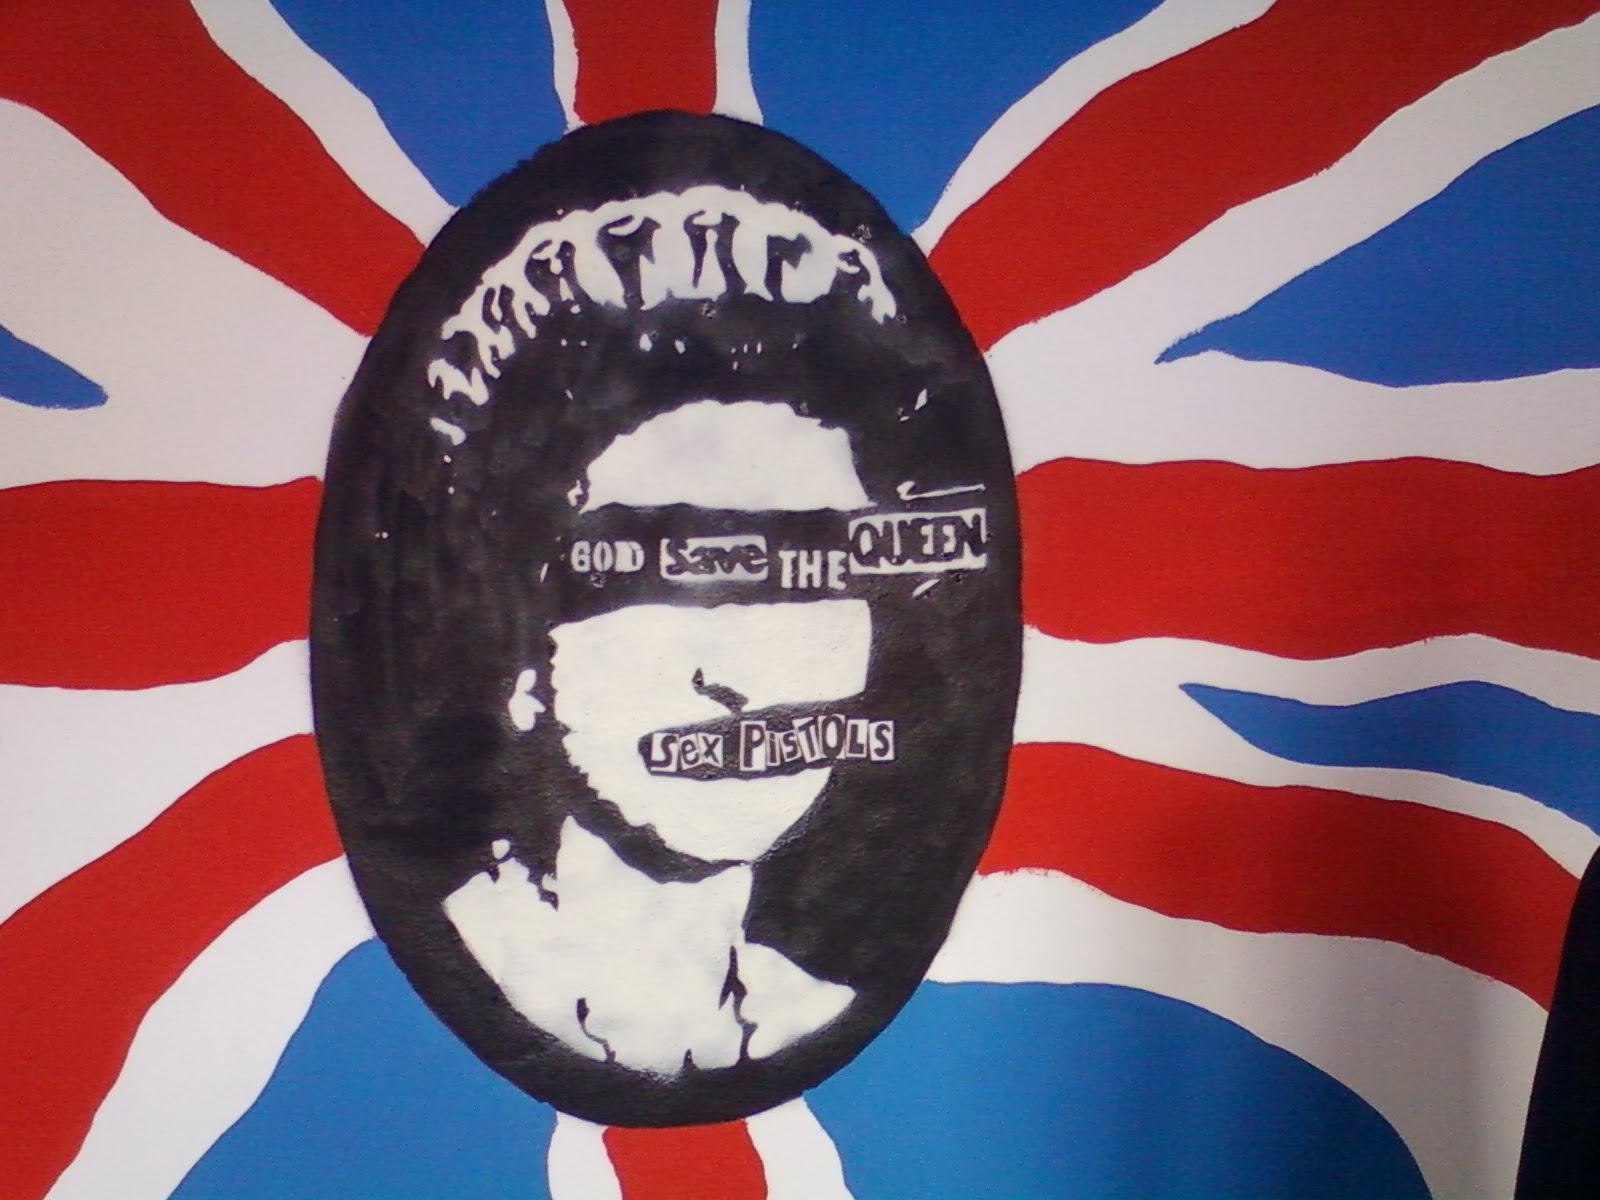 Historia De La Cultura God Save The Queen Sex Pistols